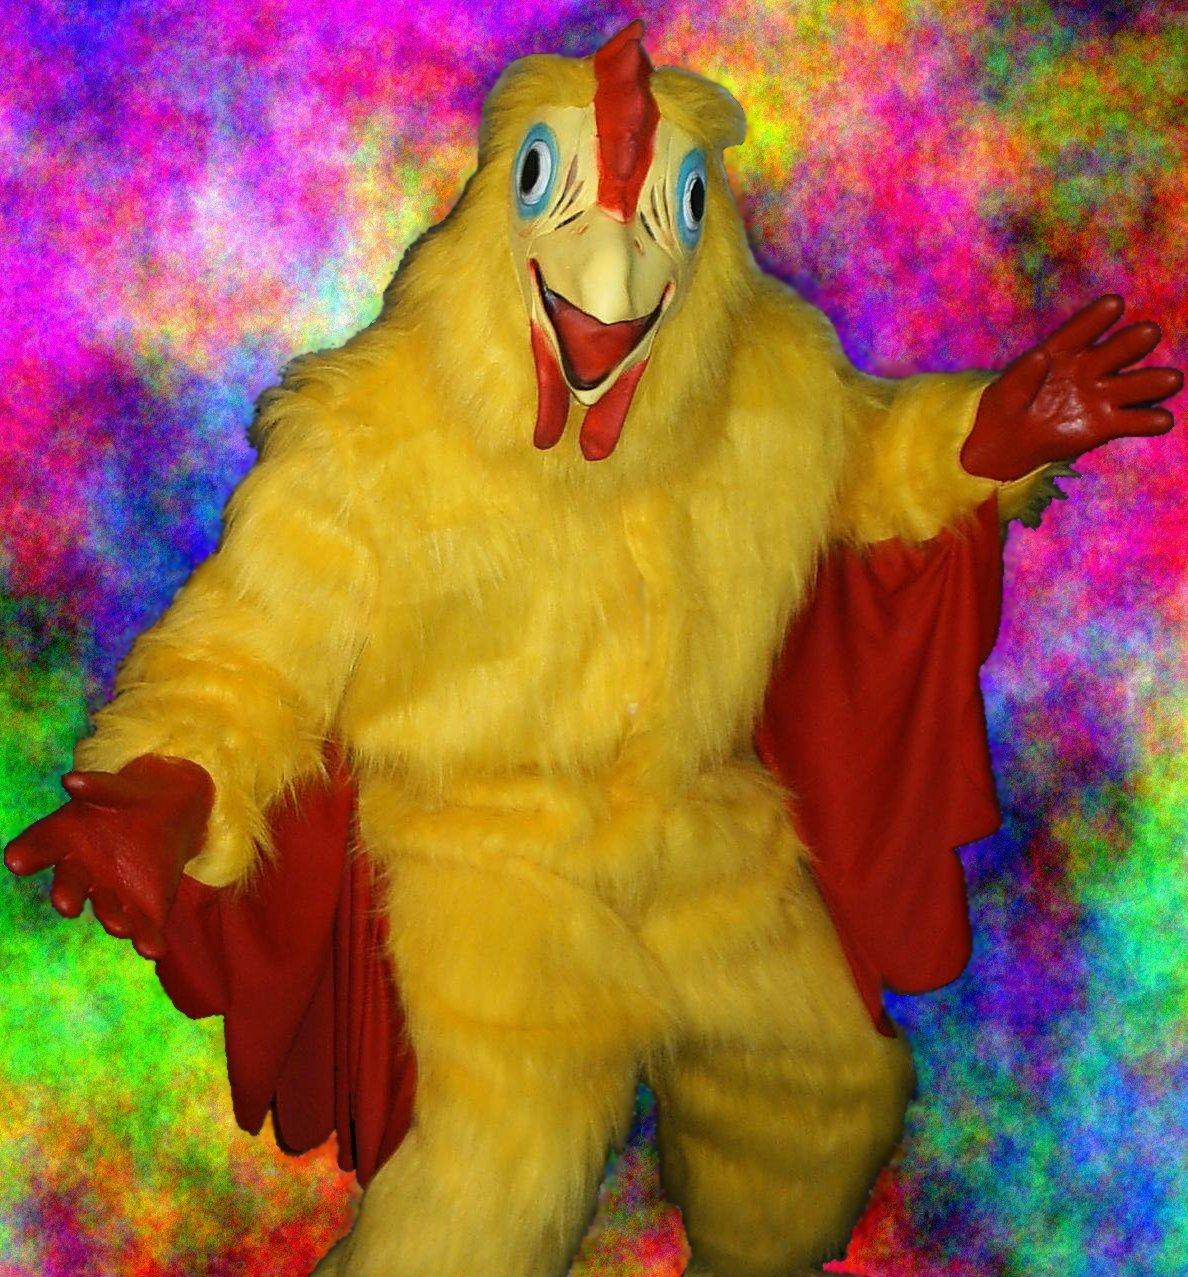 http://3.bp.blogspot.com/-ezh7WcBsimk/TbLnxGYGVSI/AAAAAAAAAlE/jBQFrIxsybk/s1600/Chicken_suit1.jpg